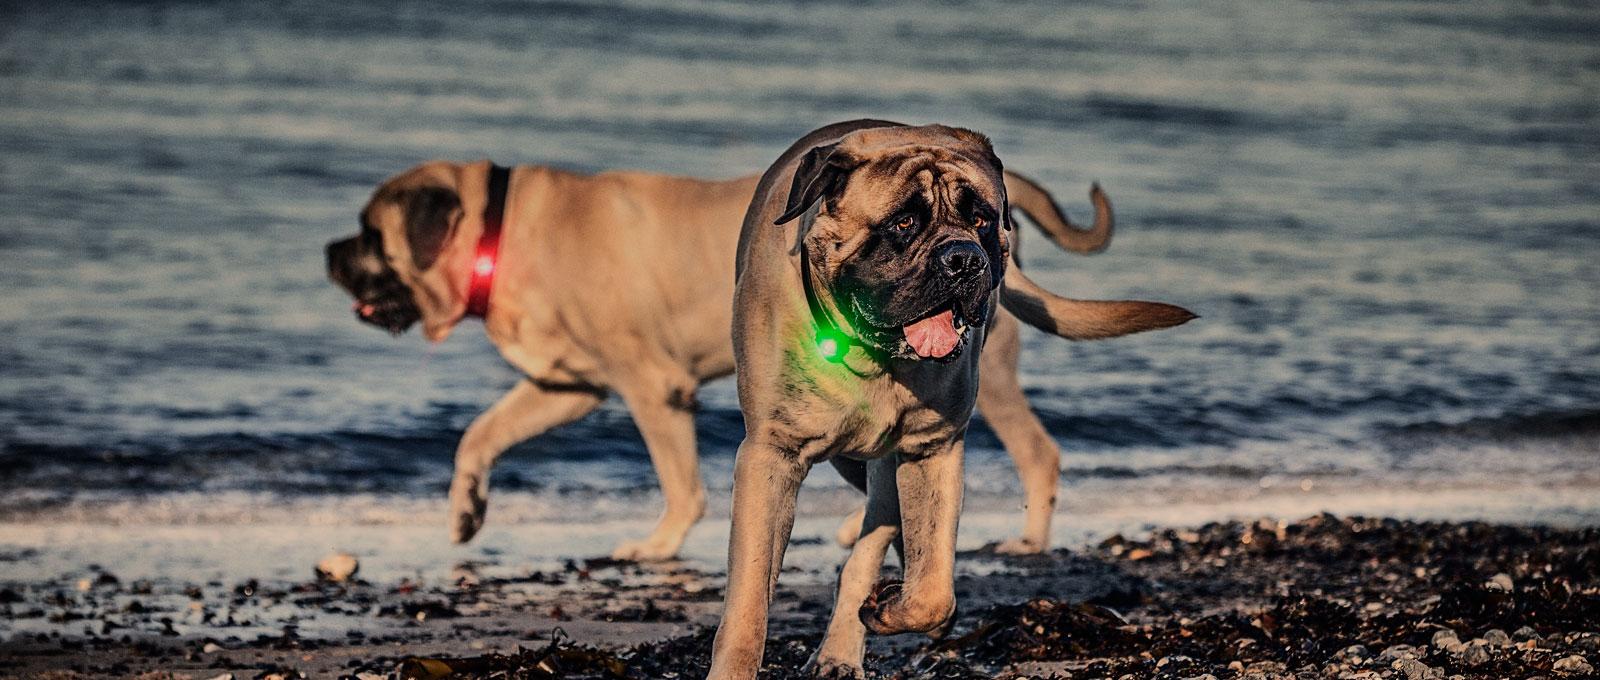 orbiloc_slider_forside_dog_100kg